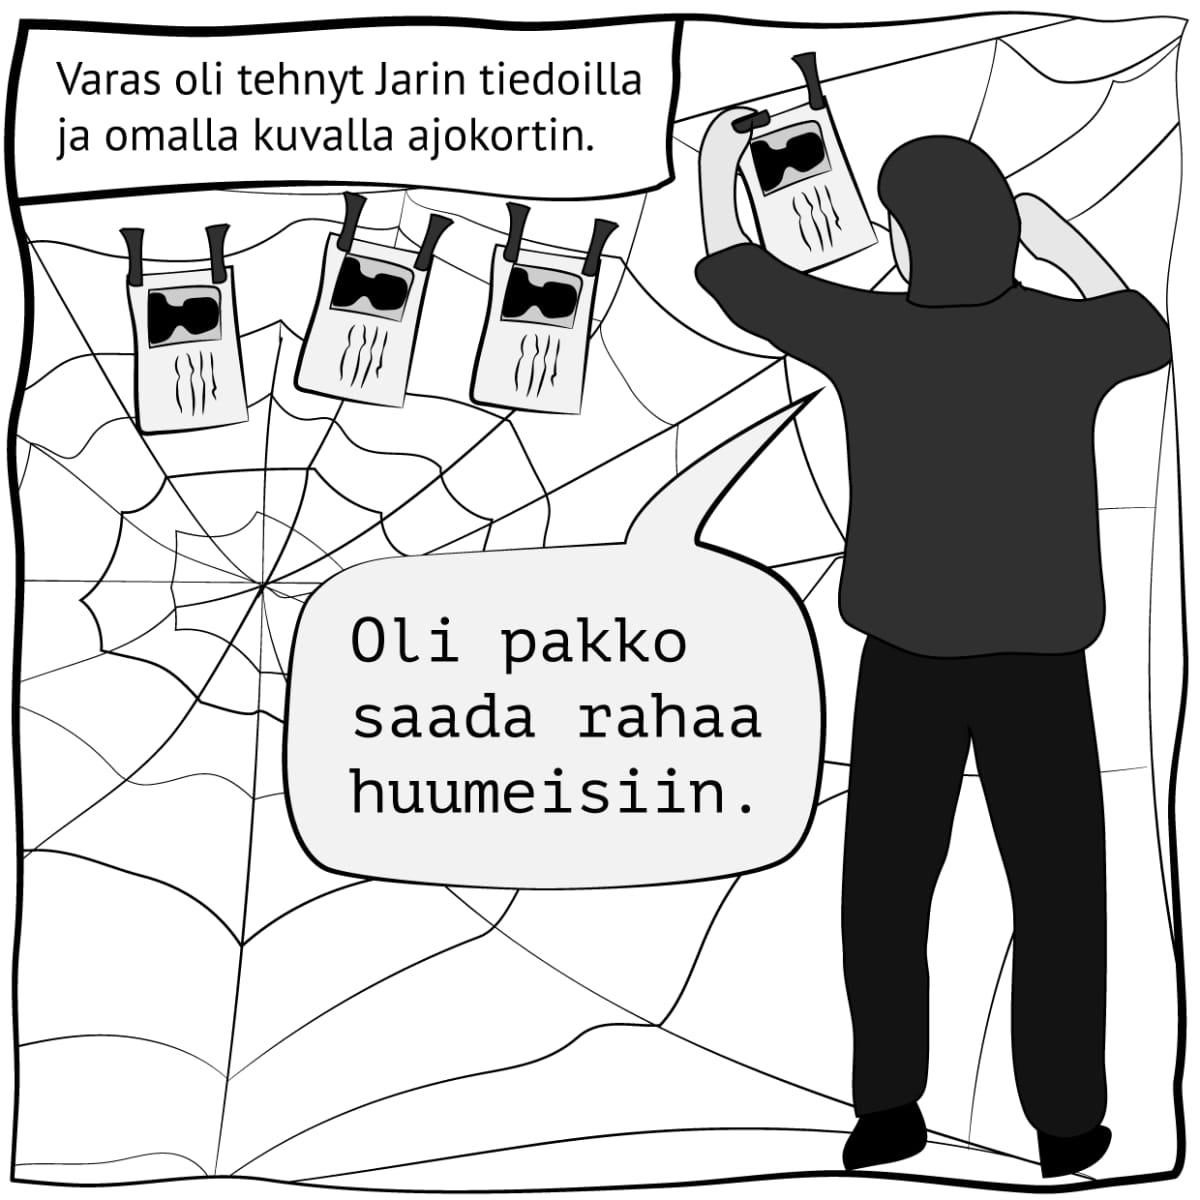 """Piirroskuva, jossa lukee: """"Varas oli tehnyt Jarin tiedoilla ja omalla kuvalla ajokortin"""". Kuva: Stina Tuominen / Yle"""